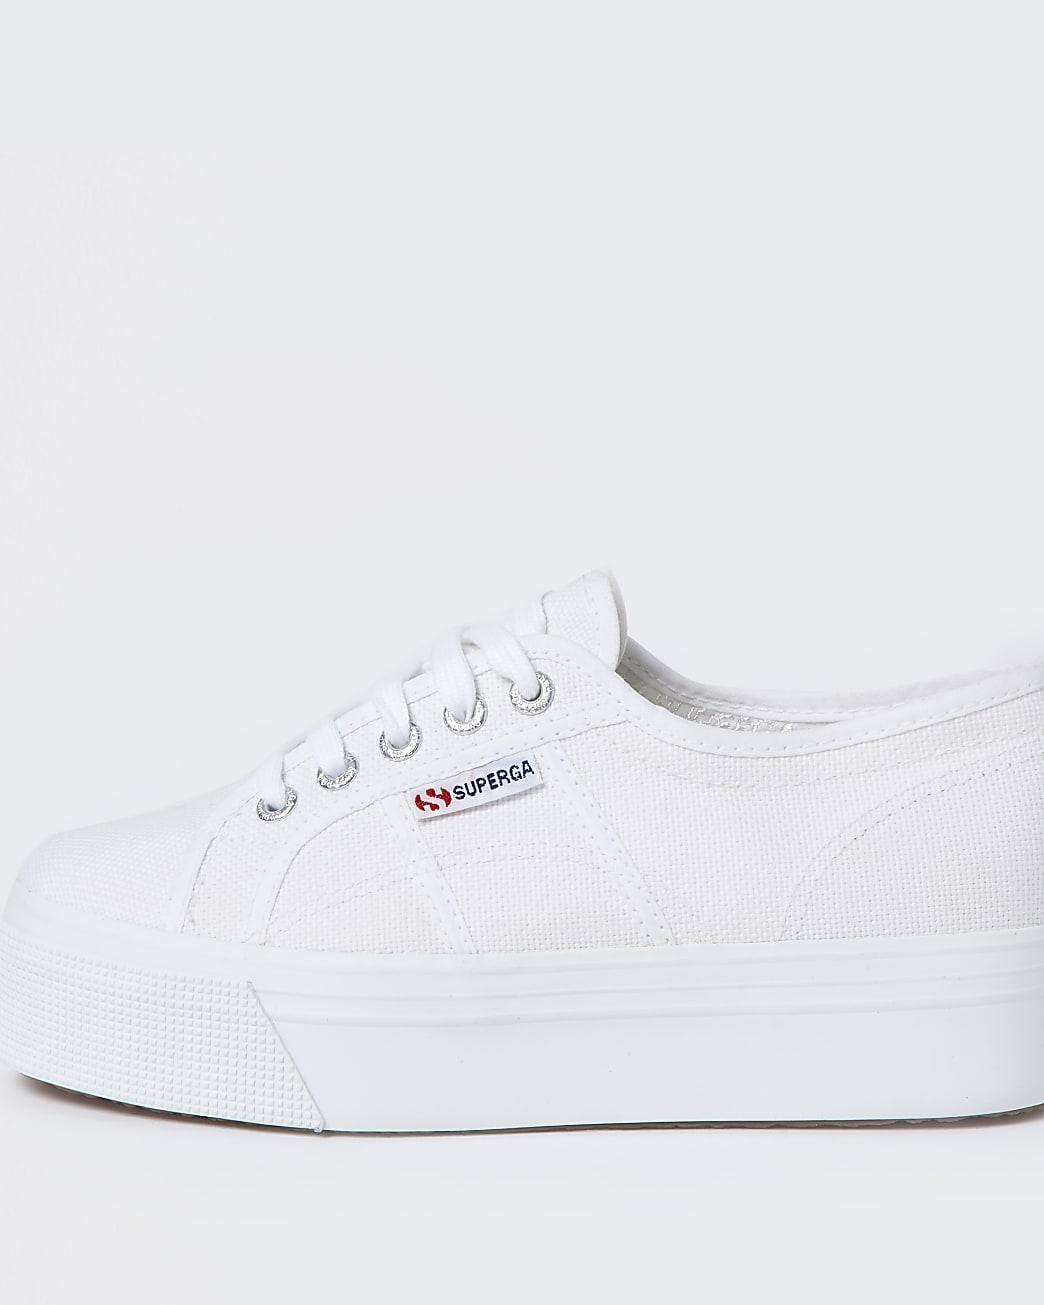 Superga white lace up flatform trainers